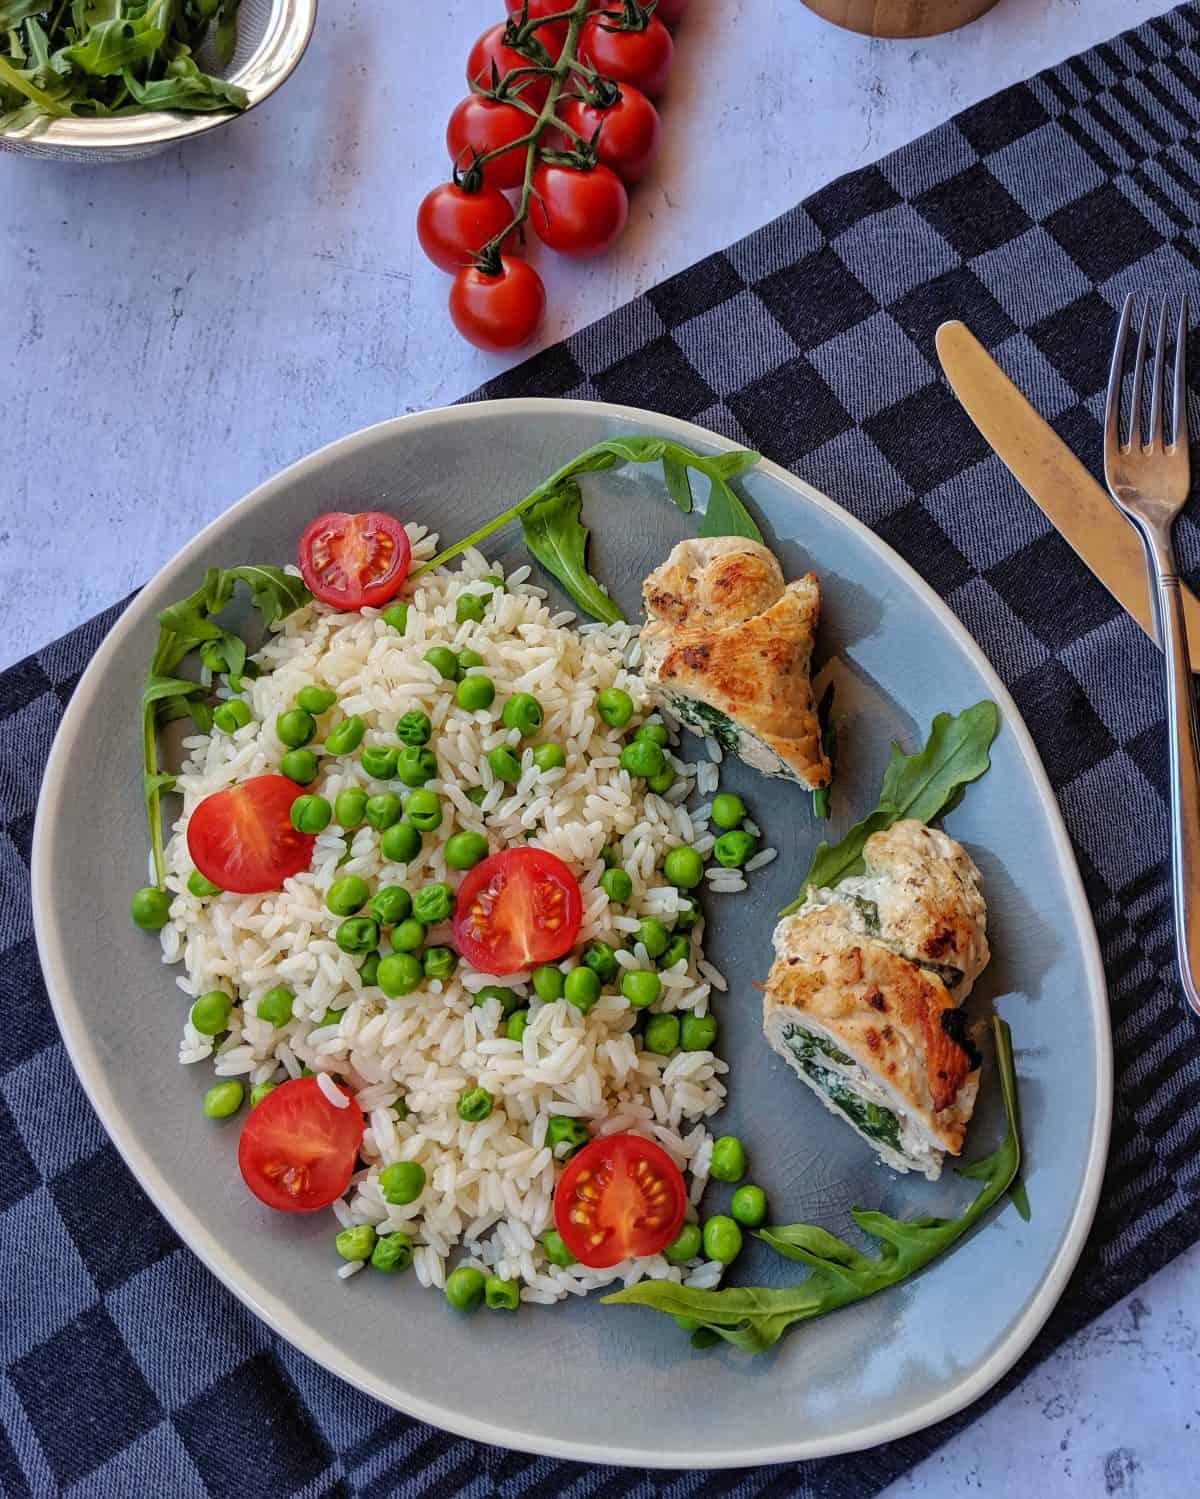 Ein ovaler Teller mit Putenrouladen mit Spinat-Ricotta Füllung auf gebuttertem Erbsen-Tomatenreis. Dahinter Deko.